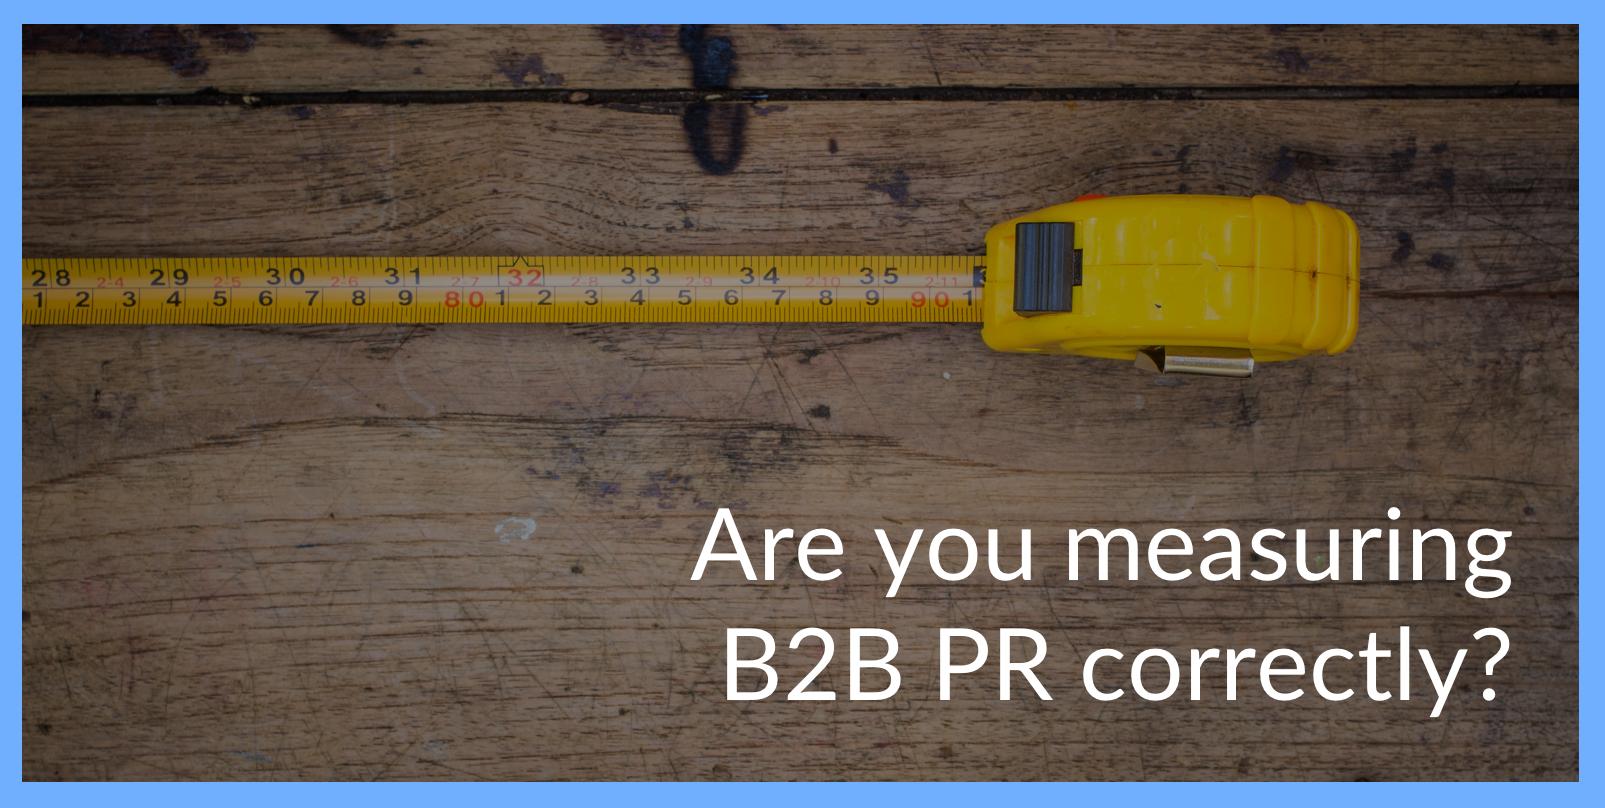 Measuring PR Blog Image.png